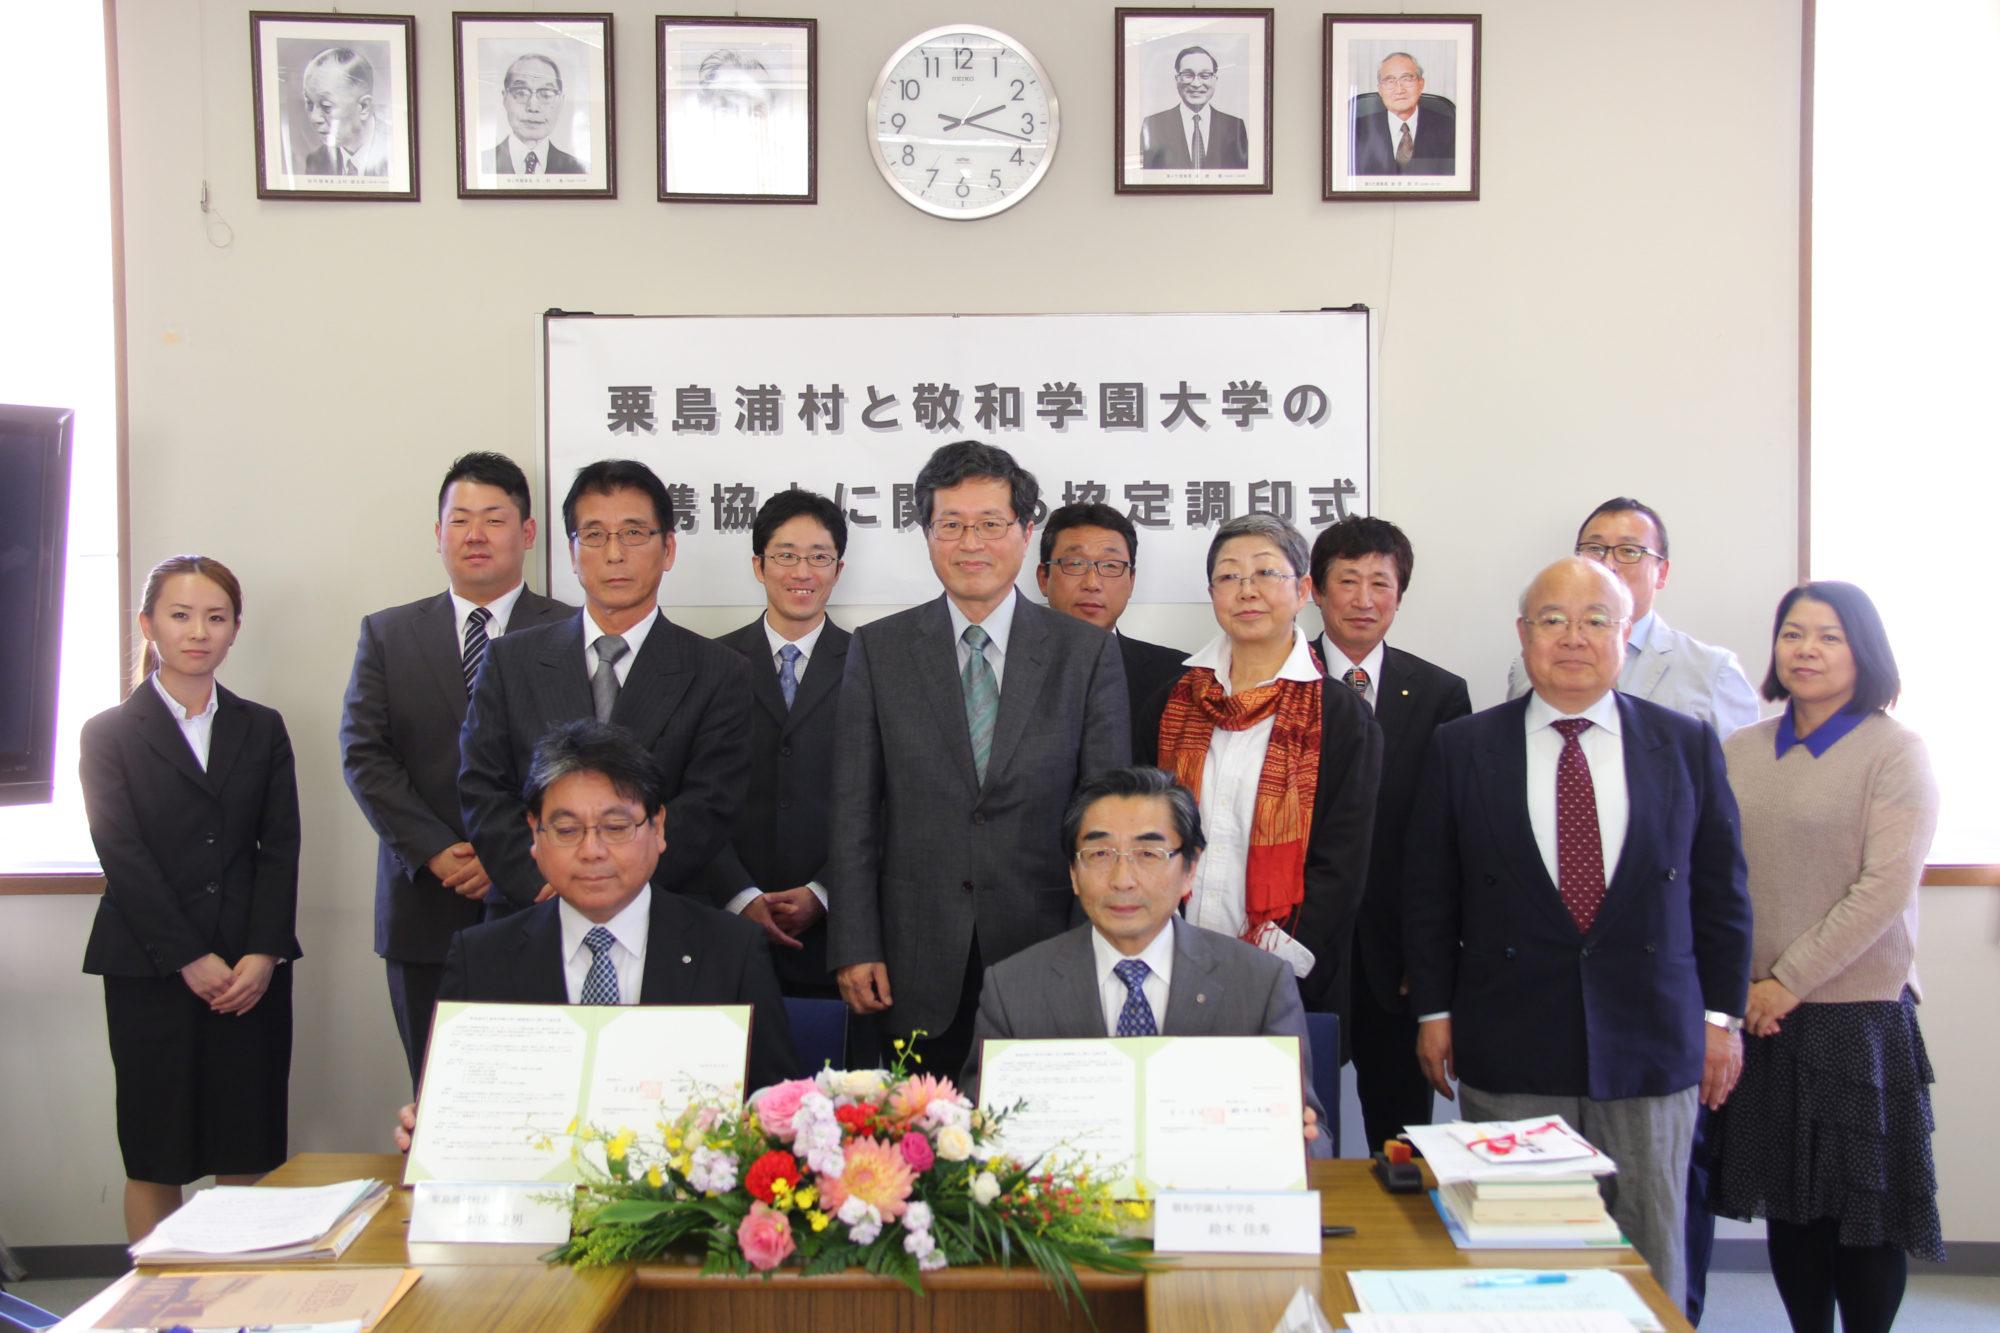 粟島浦村と連携協力に関する協定を結びました